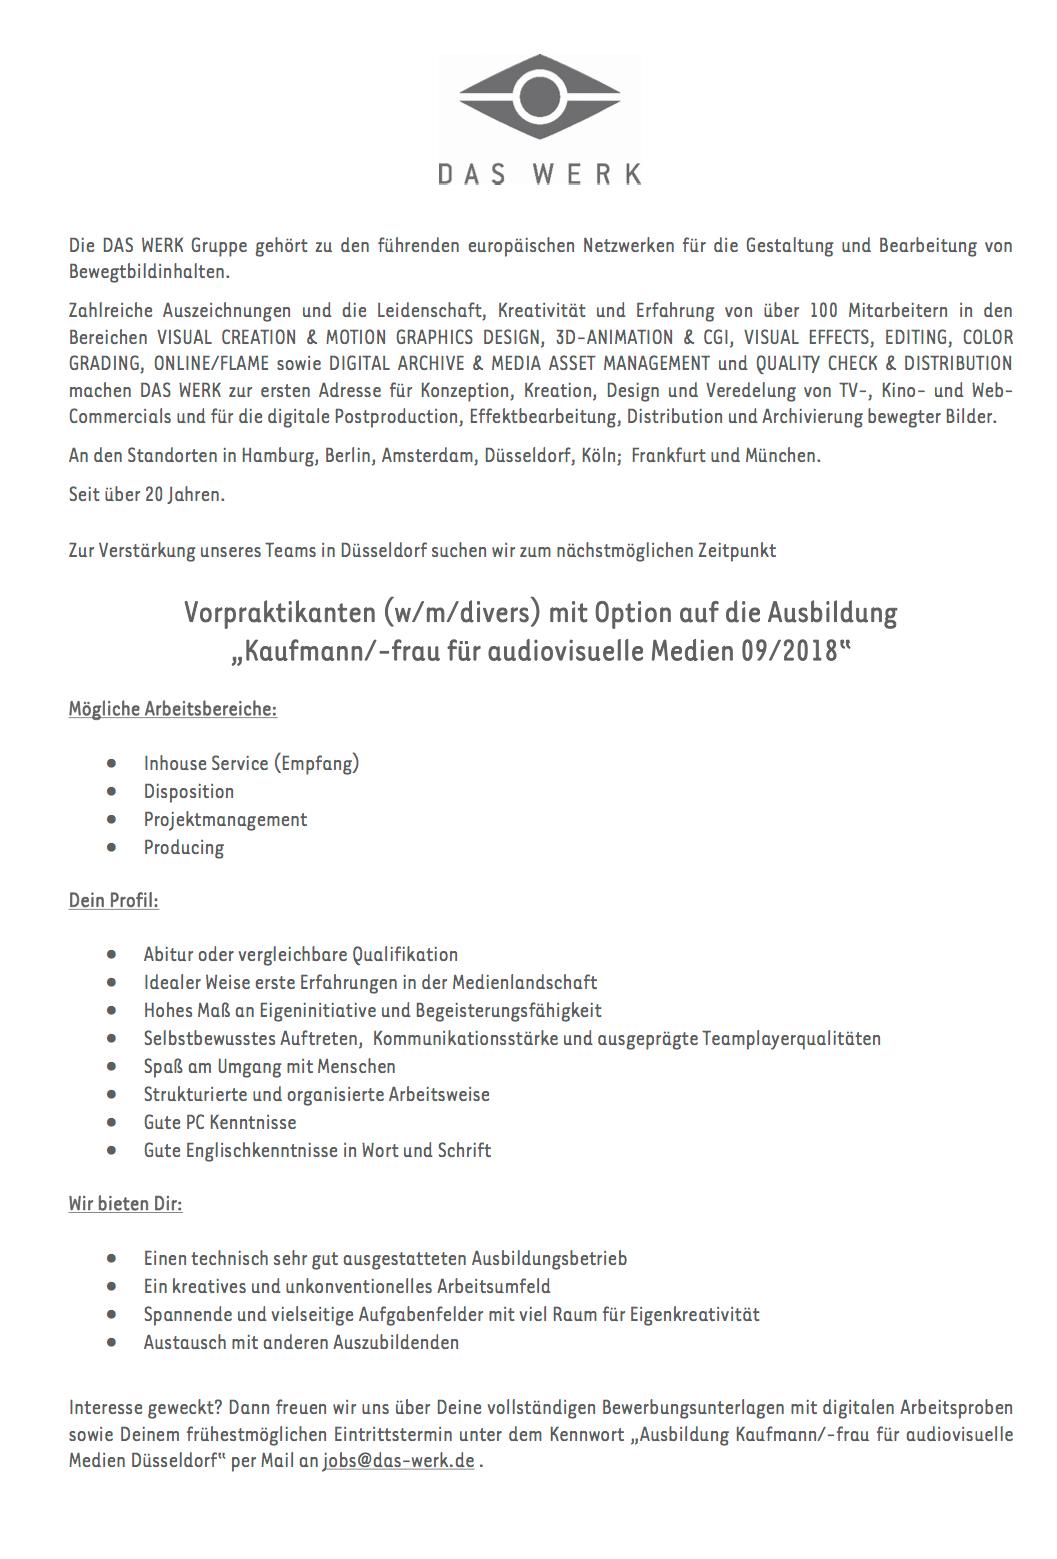 DAS WERK Düsseldorf GmbH (Düsseldorf) sucht Vorpraktikanten (w/m ...